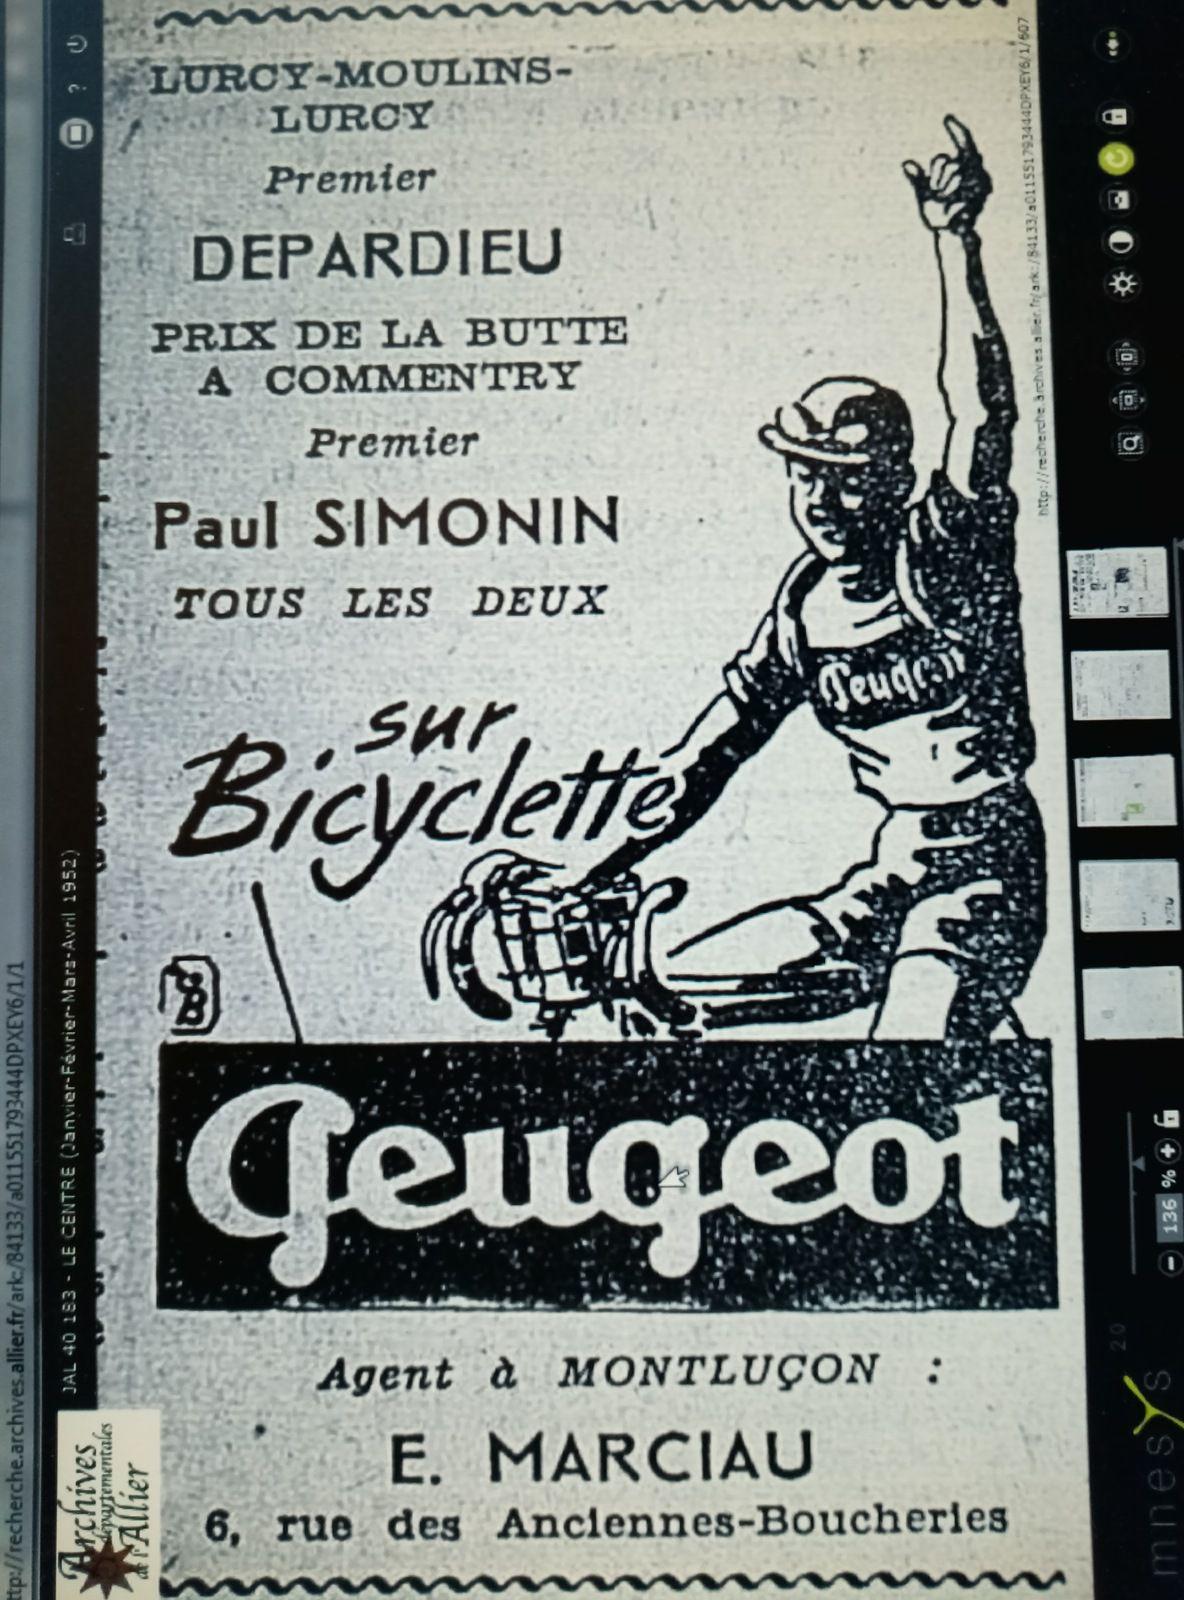 Publicités parues dans la presse régionale des années 50